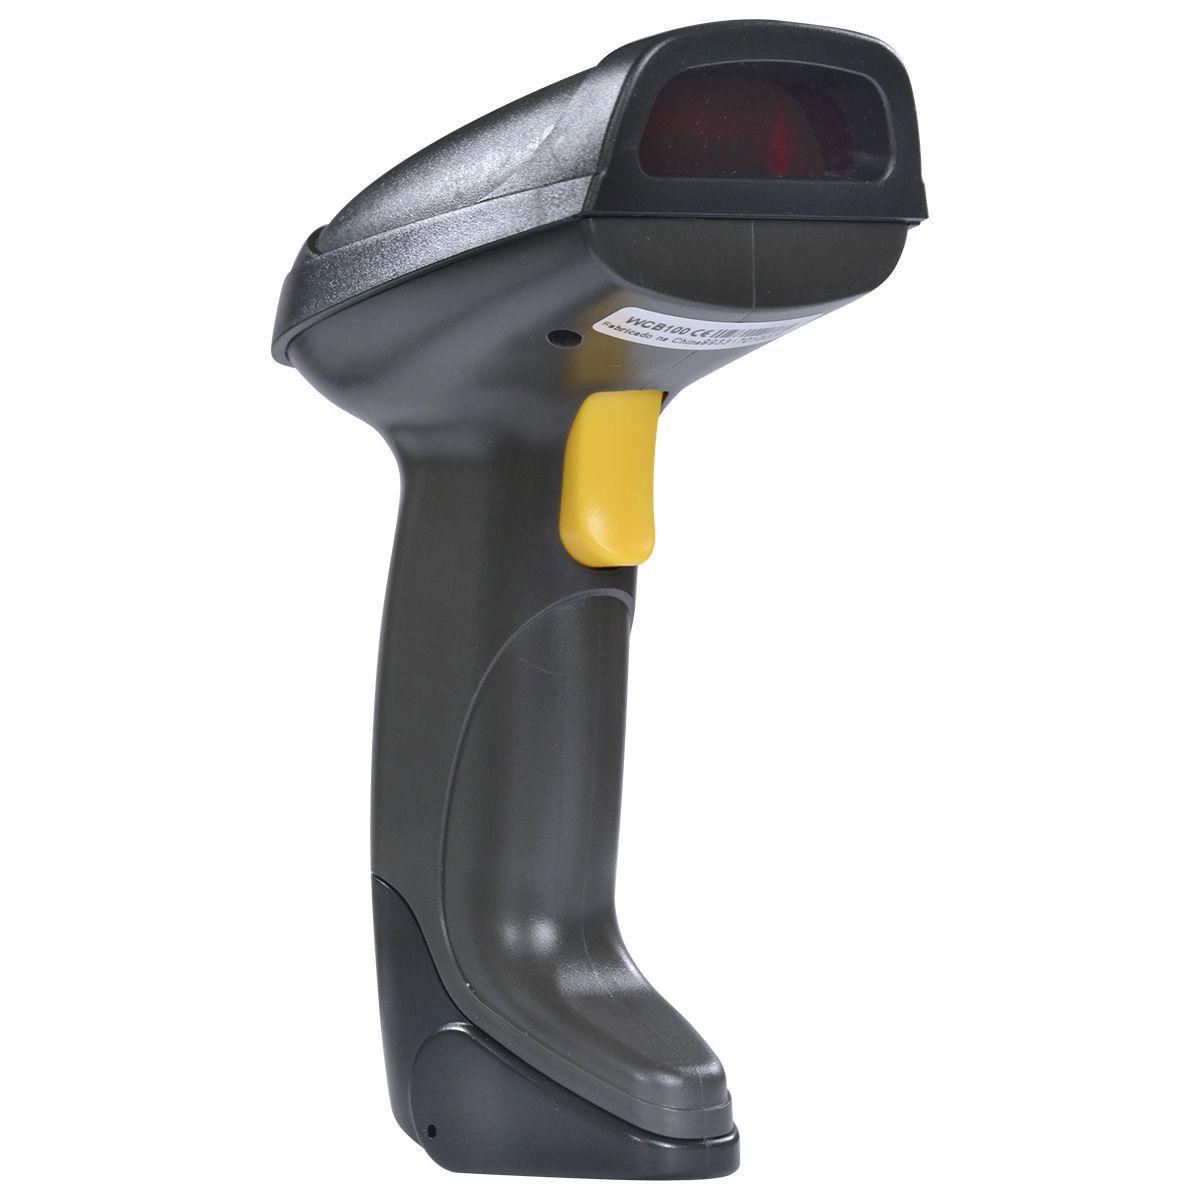 Leitor de Código de Barras Laser Sem Fio WCB100 3 em 1 com Leitura Automática (Boletos, NF e Códigos de Barras) 26498 - Vinik